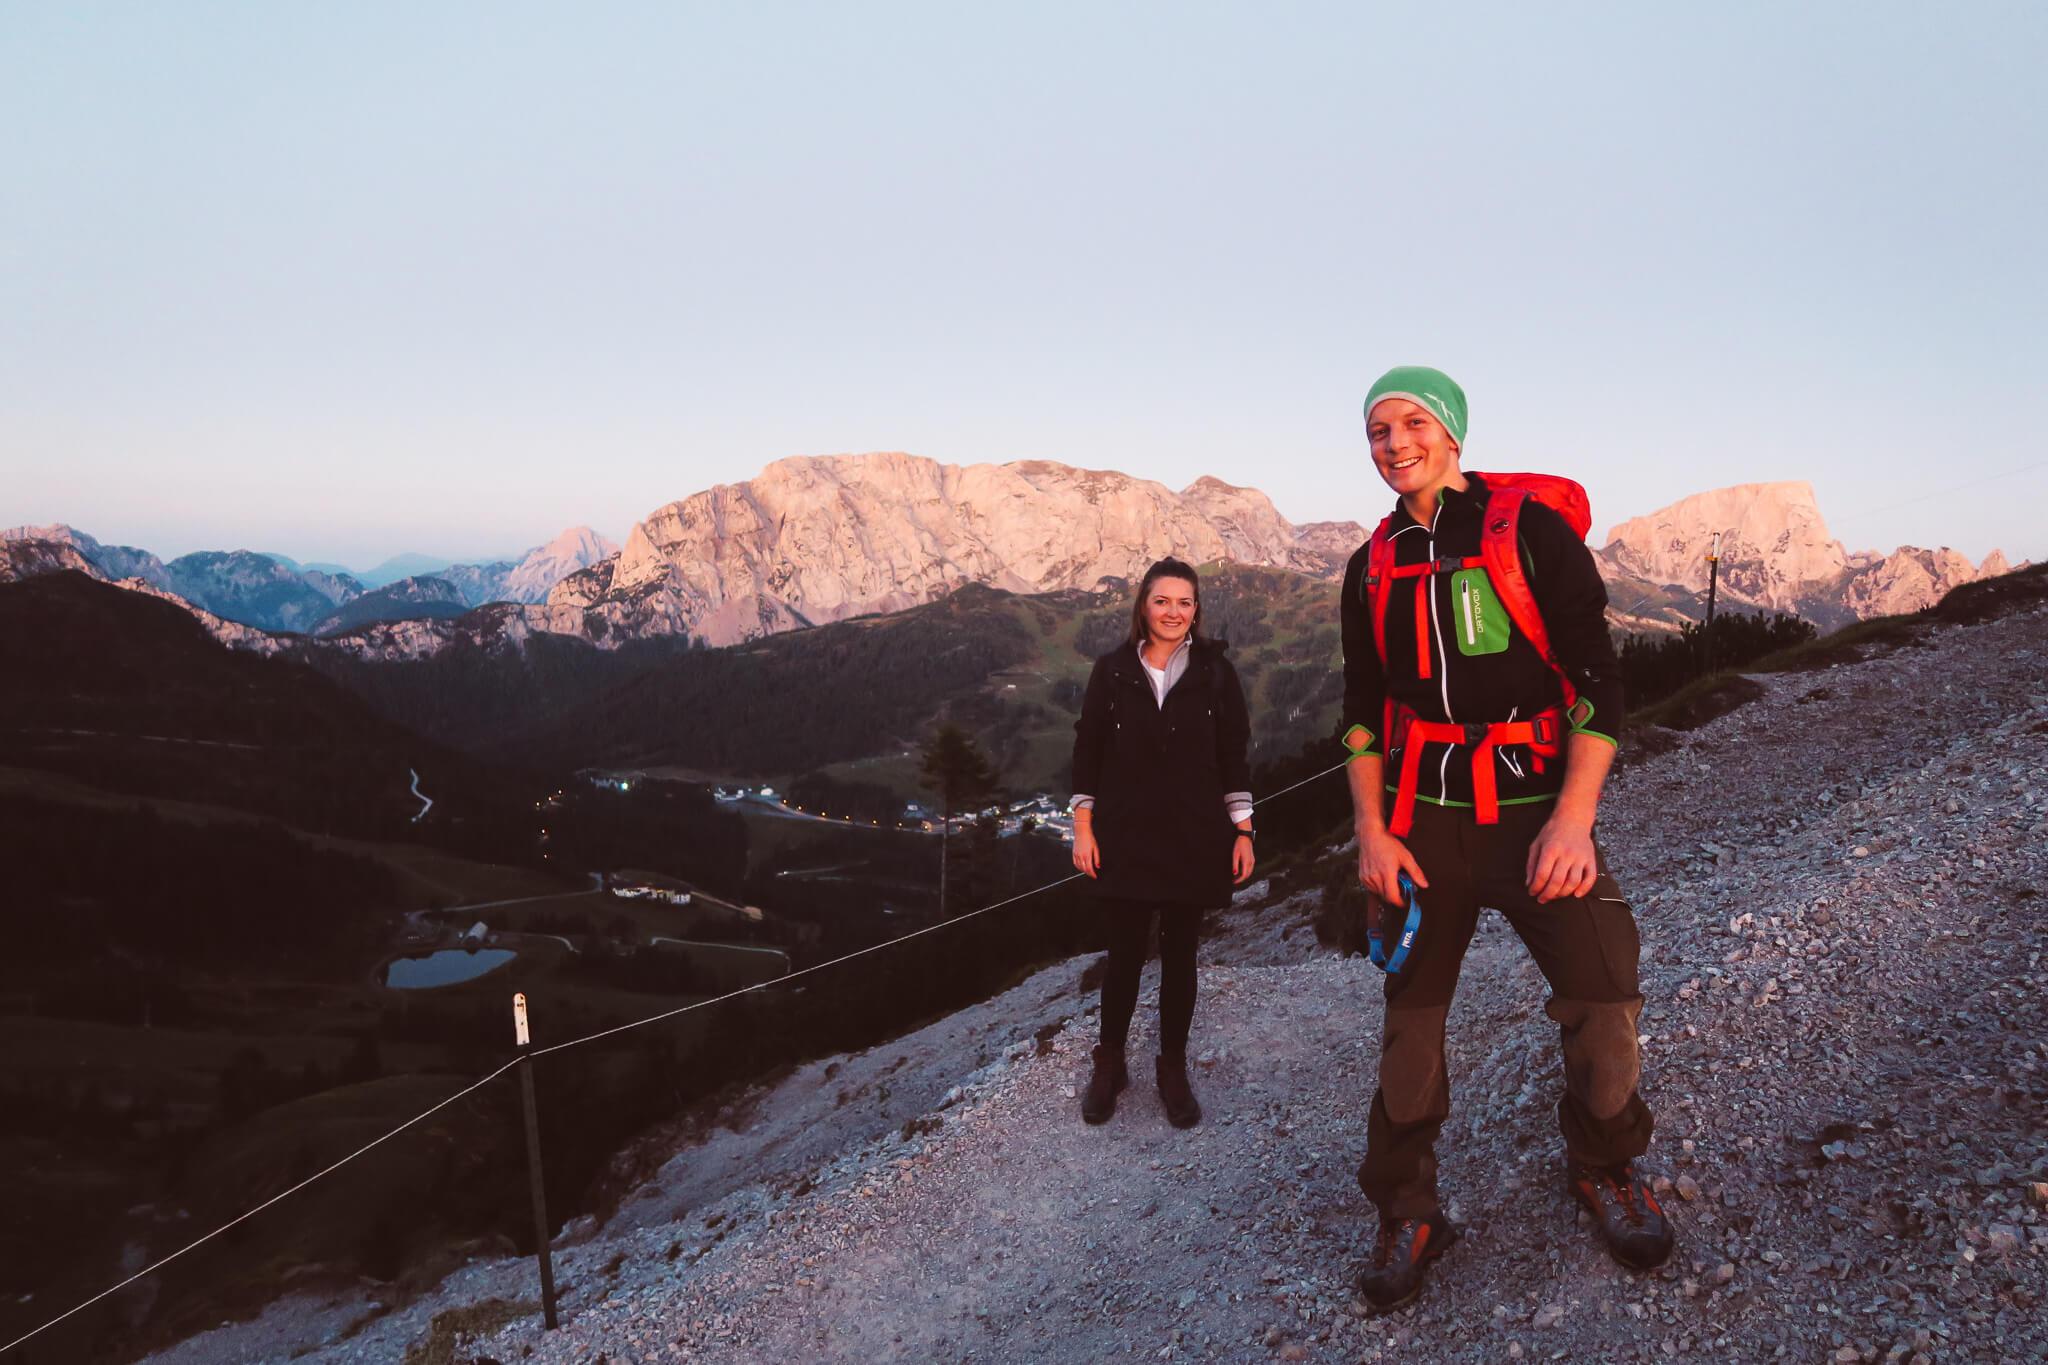 Sonnenaufgangswanderung mit Juniorchef Michi vom Naturidyll Hotel Presslauer